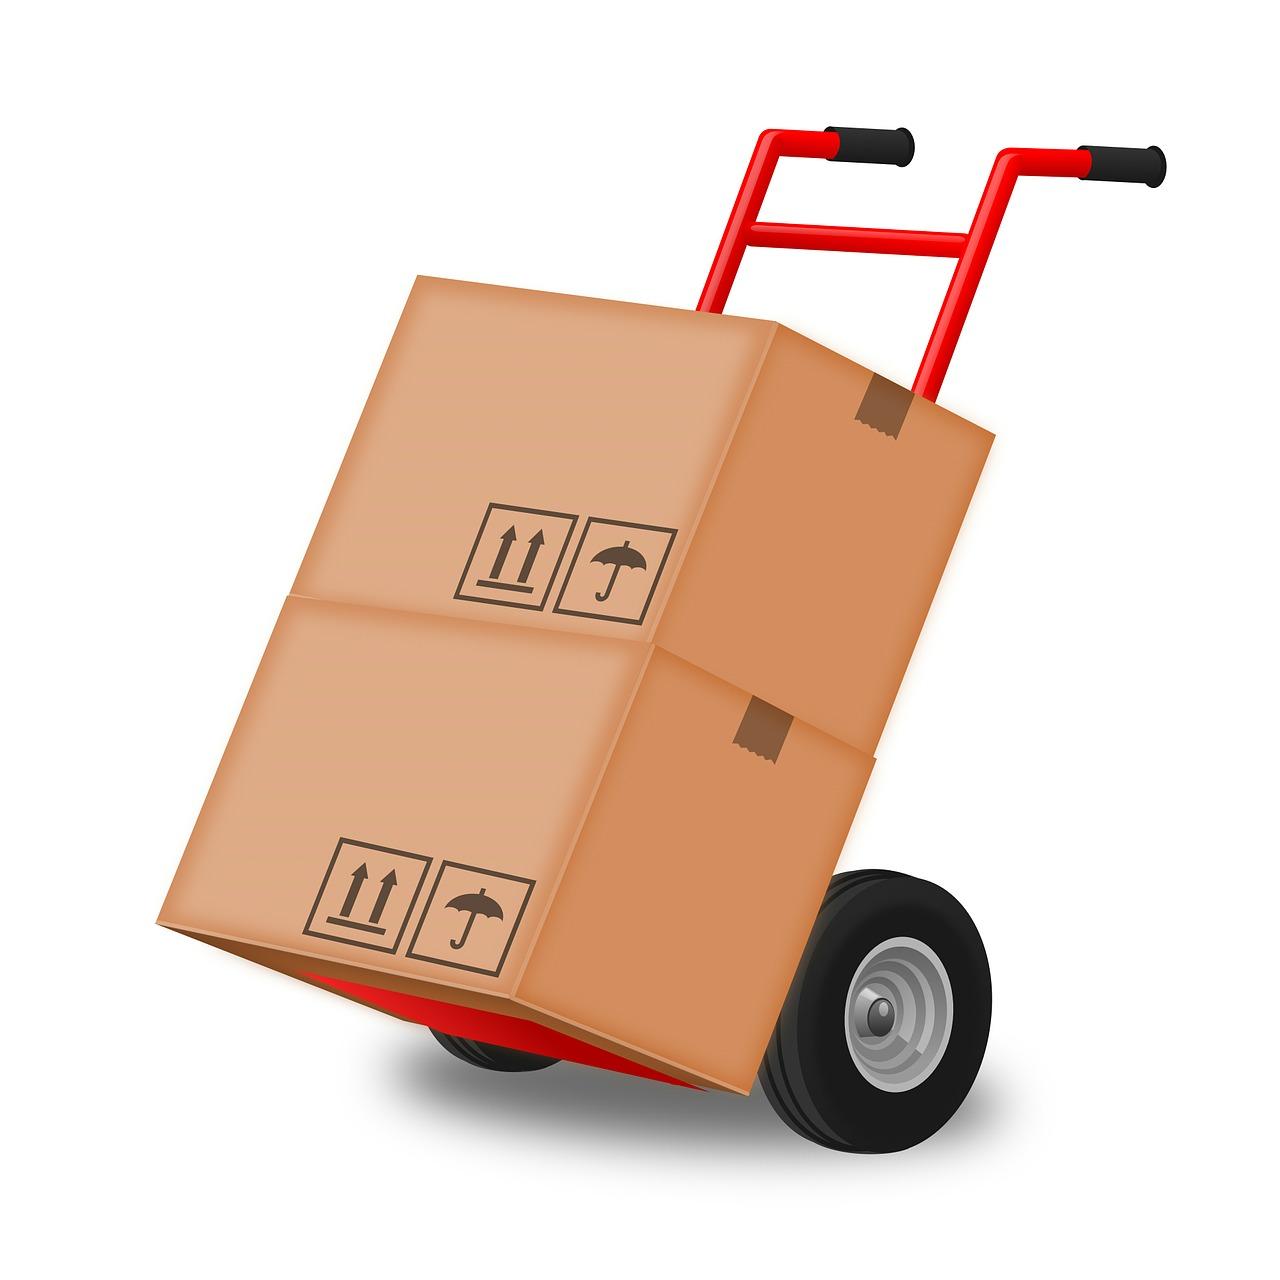 Inplastic flyttar och byter adress